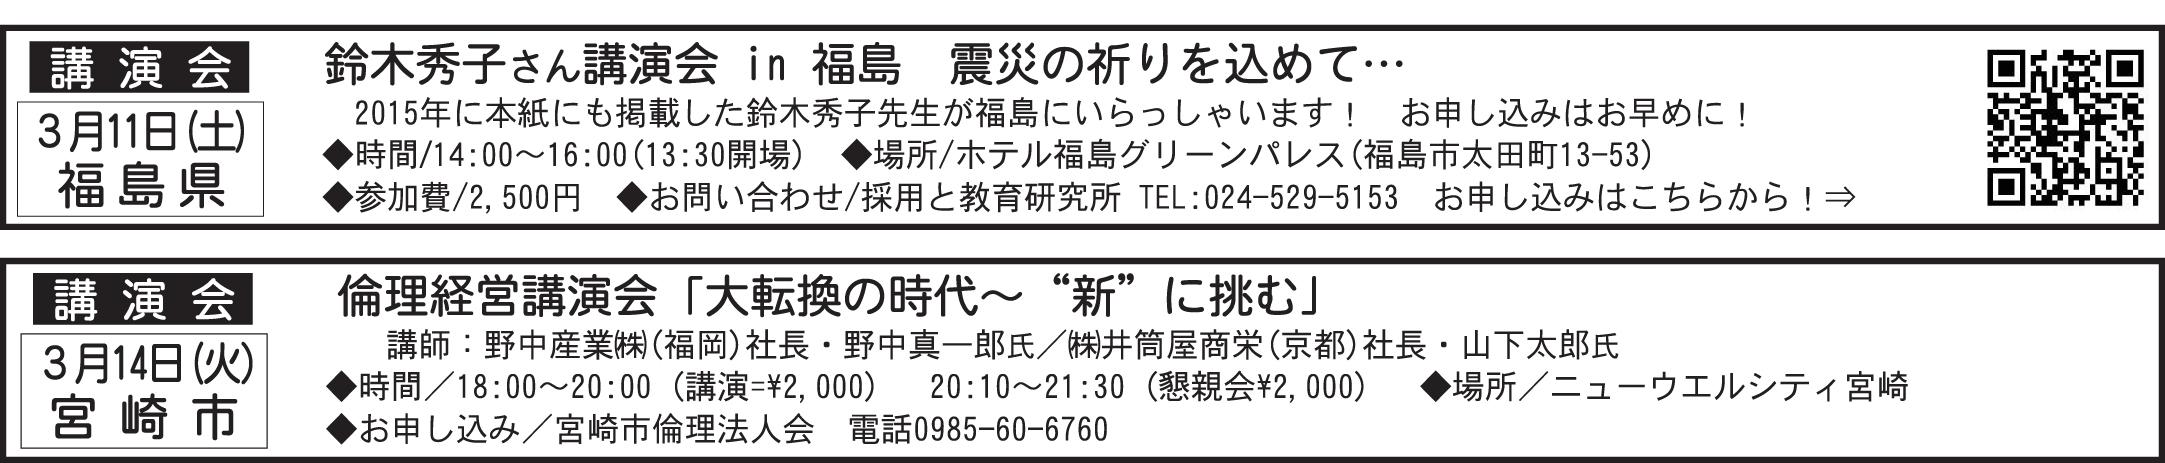 muryo2684.jpg